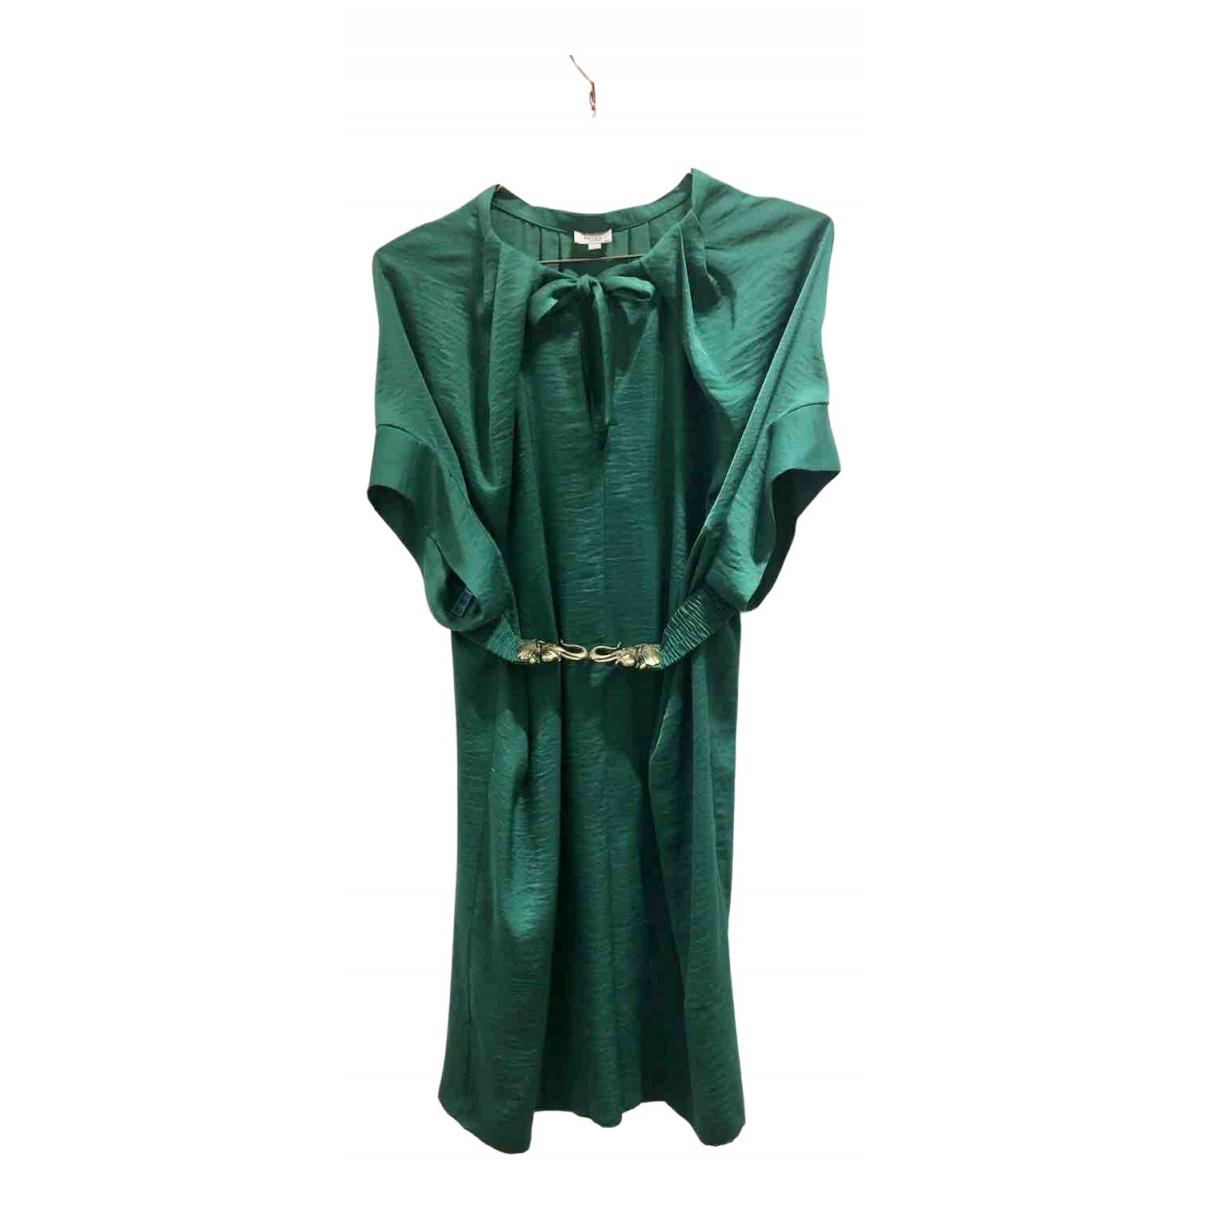 Hoss Intropia \N Kleid in  Gruen Viskose